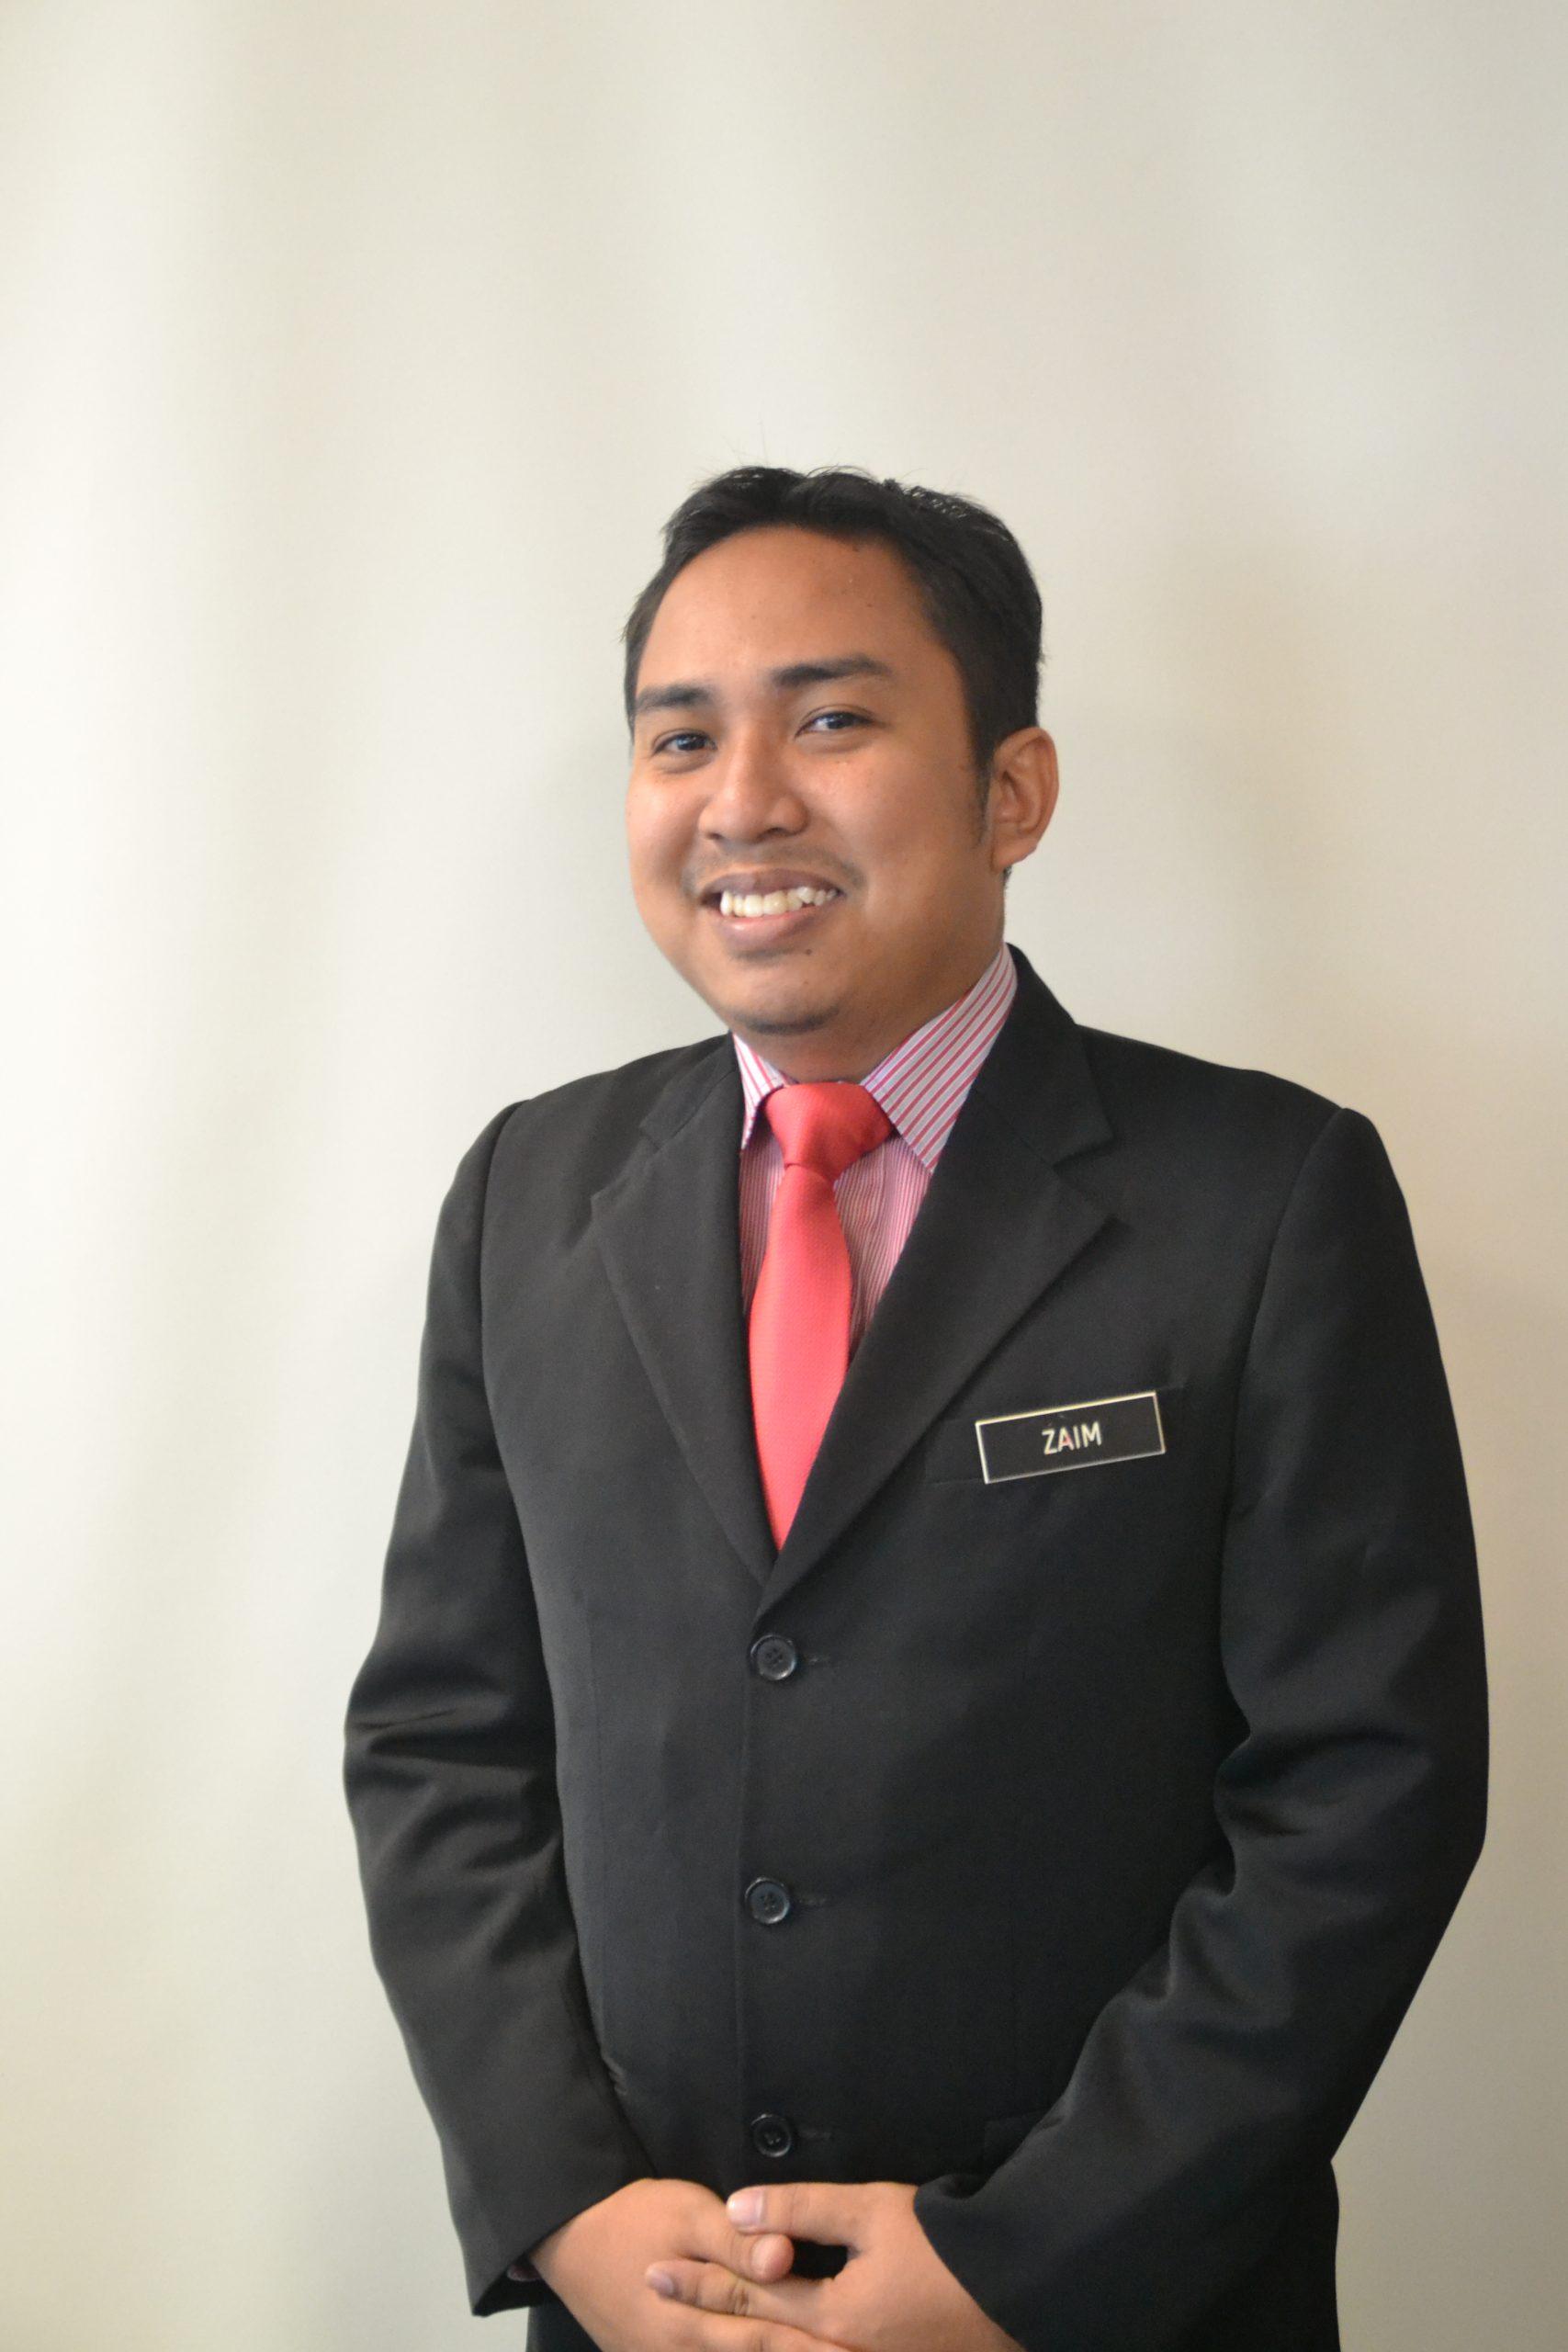 Mohd Zaim